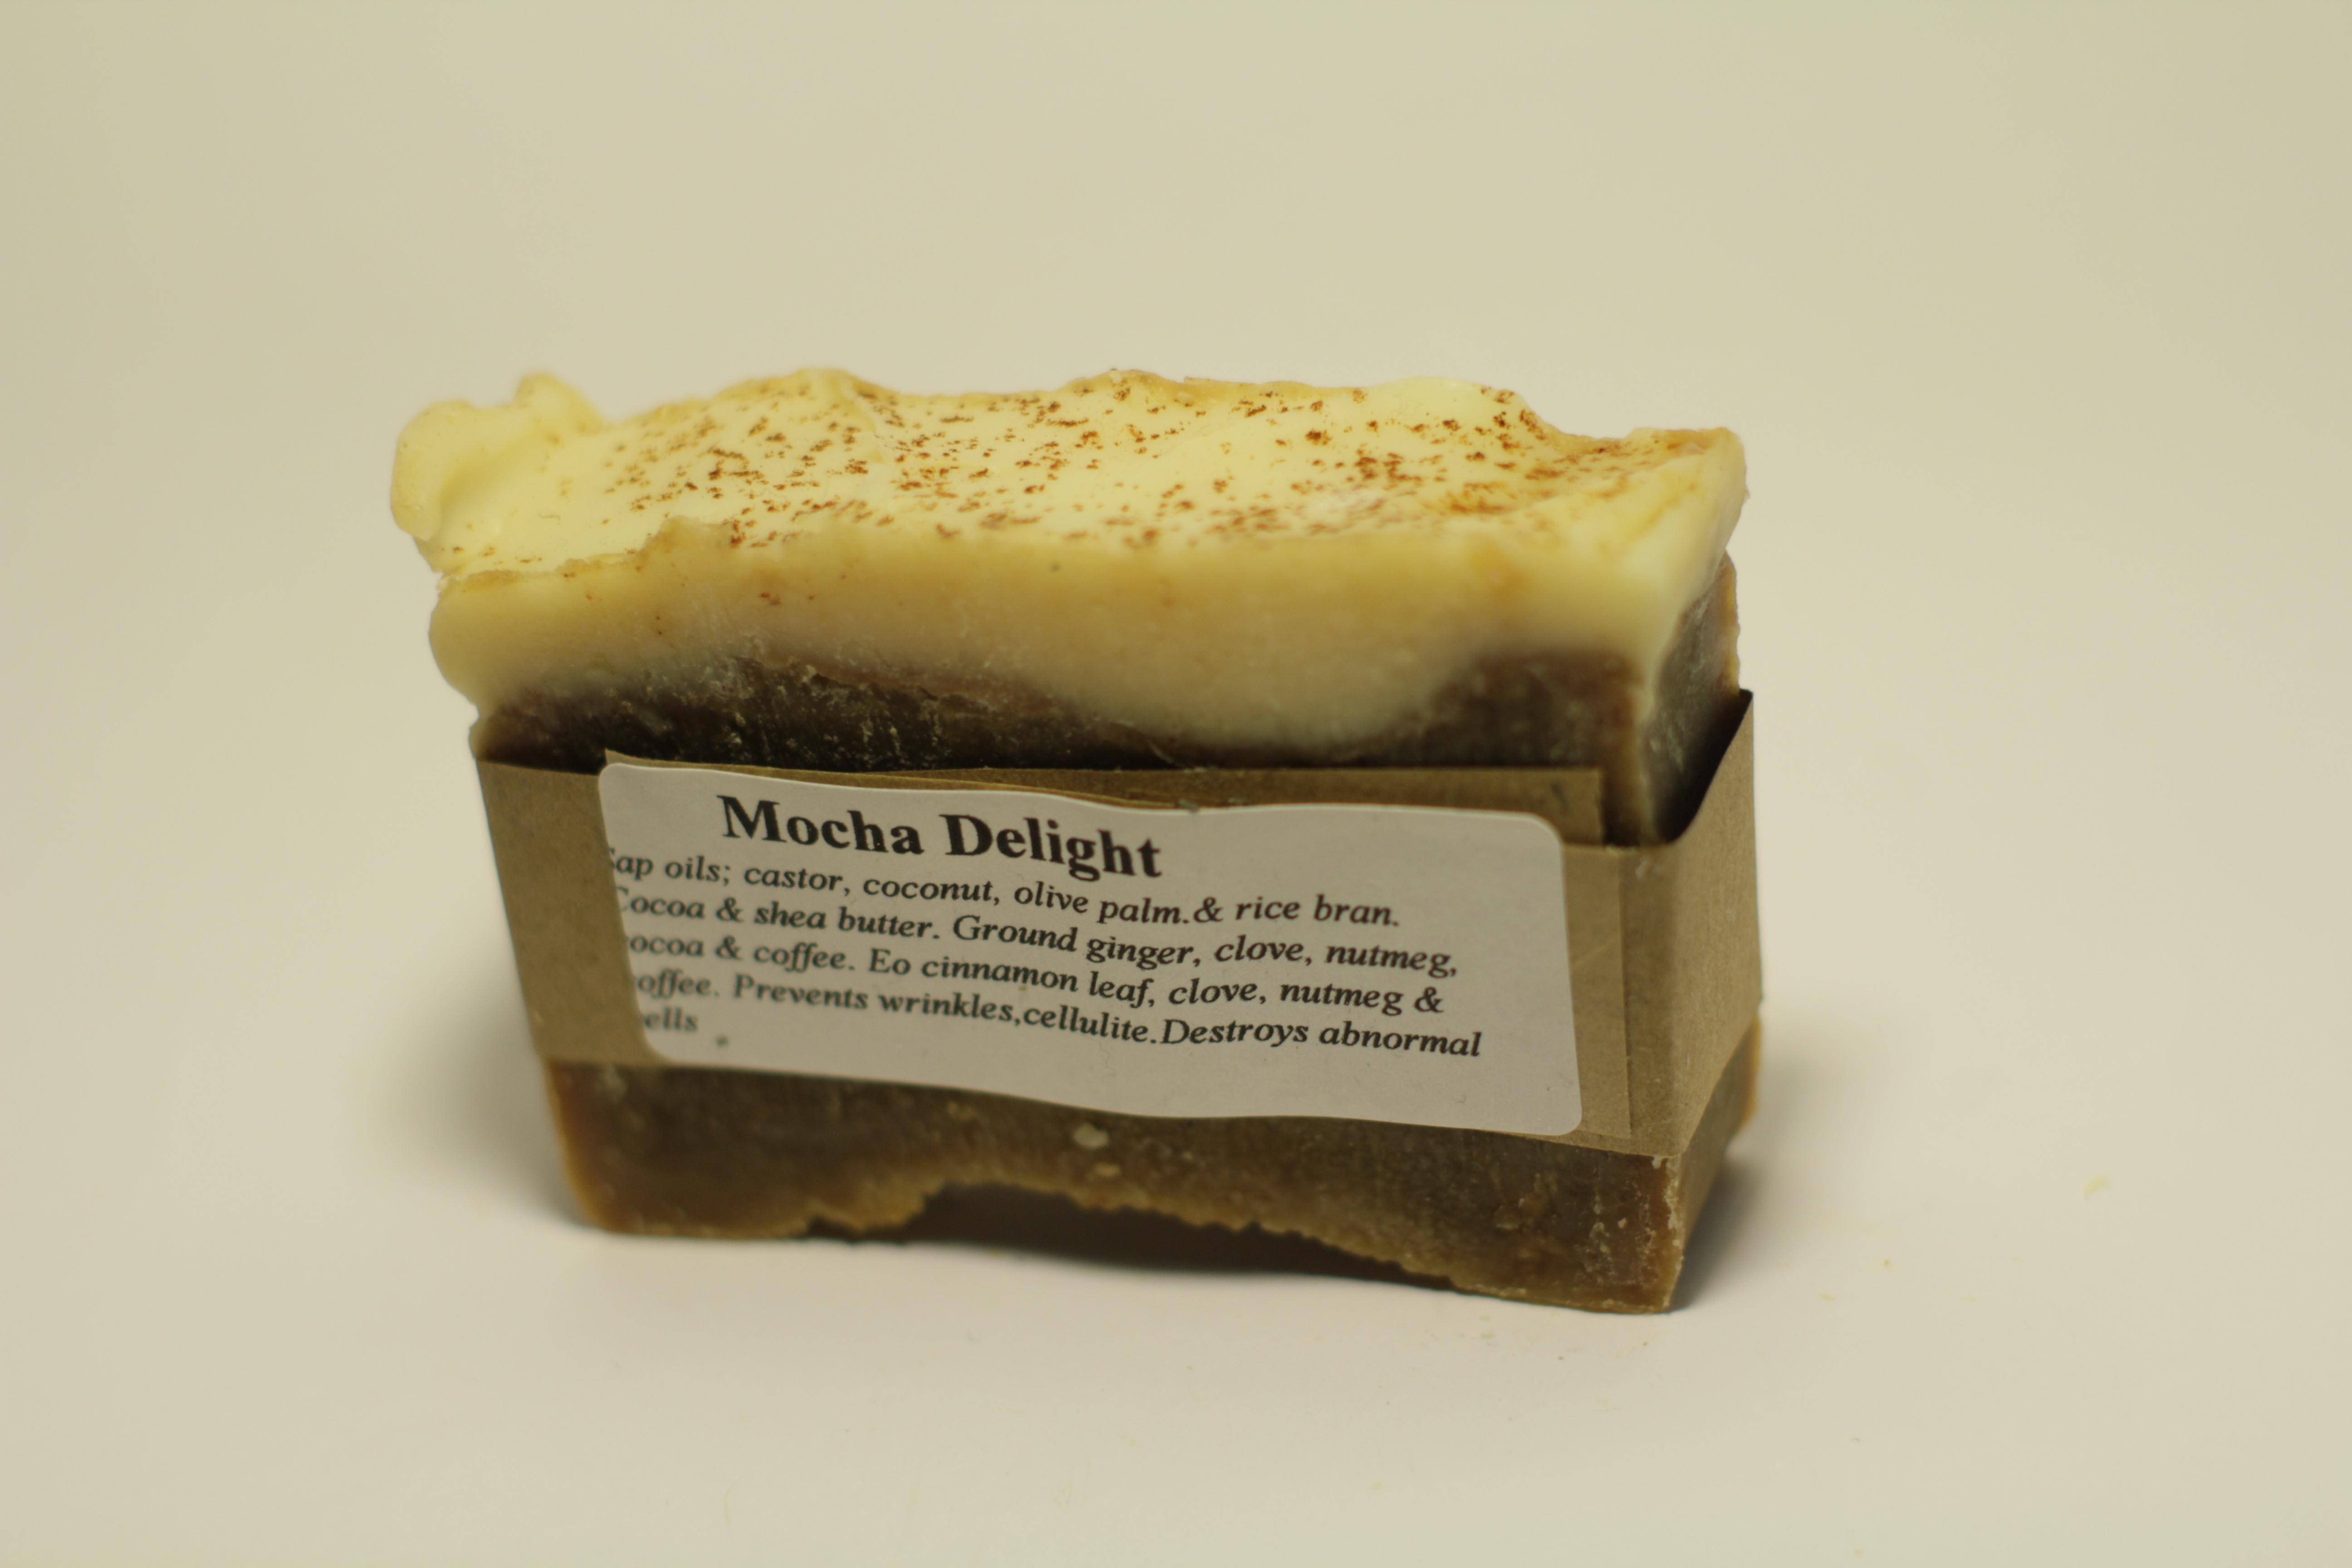 Mocha Delight